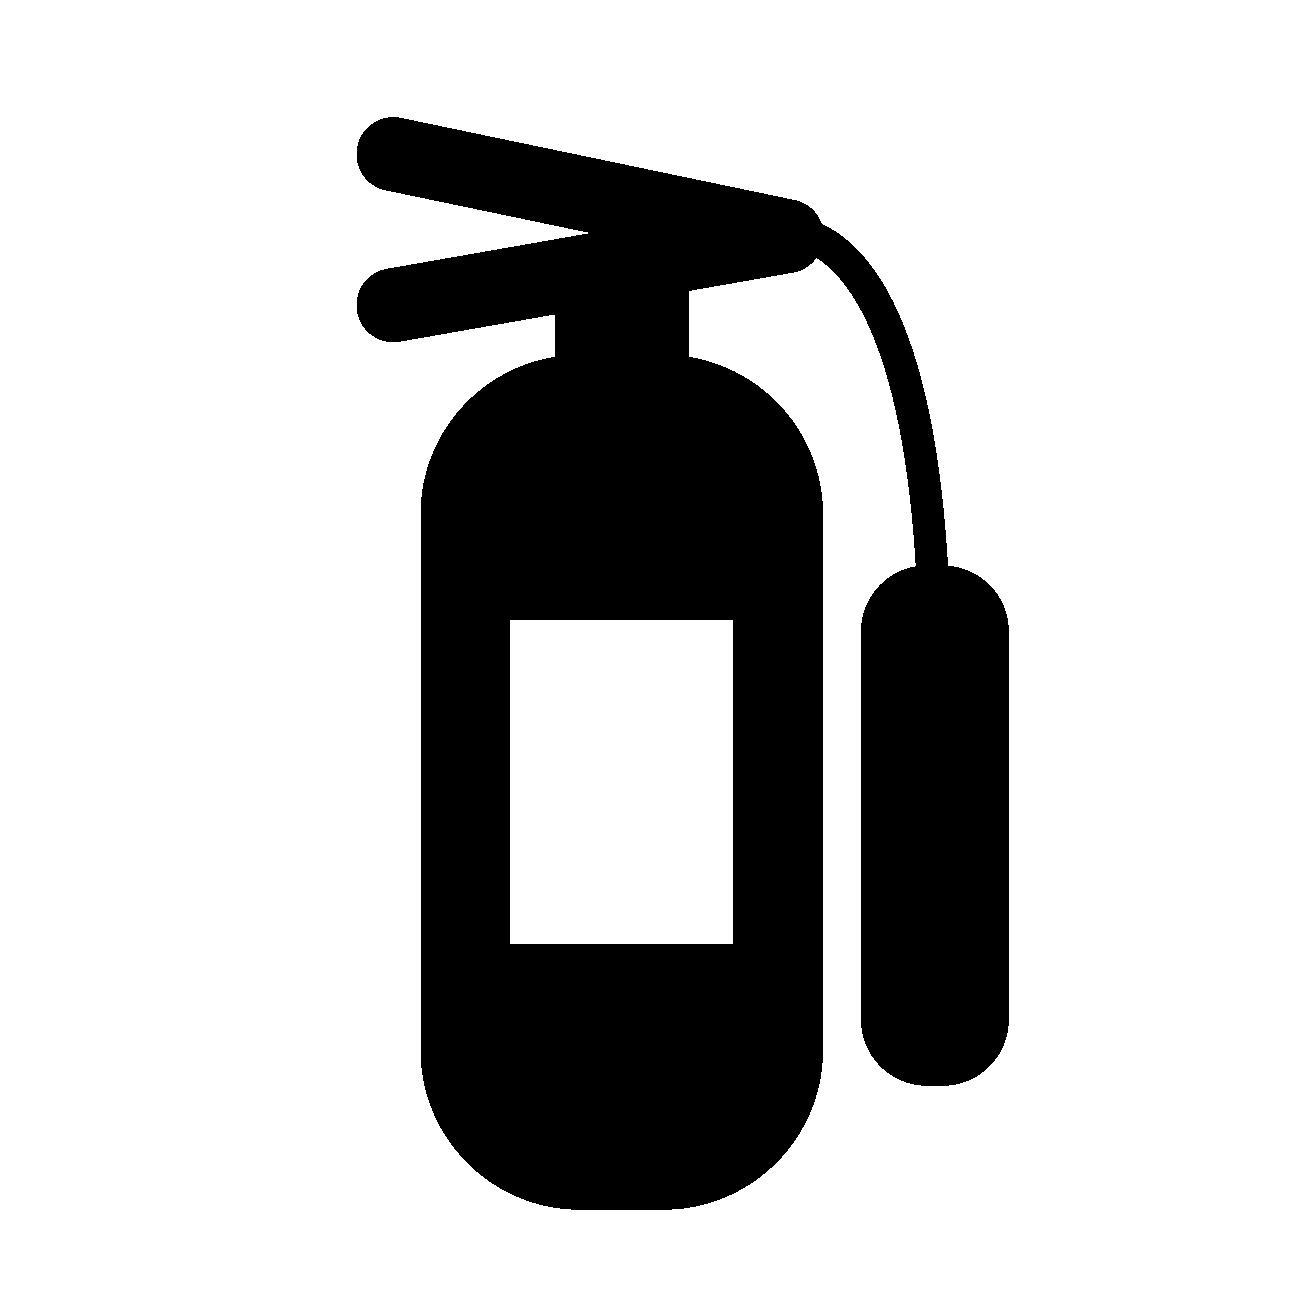 二酸化炭素消火器の過去問について